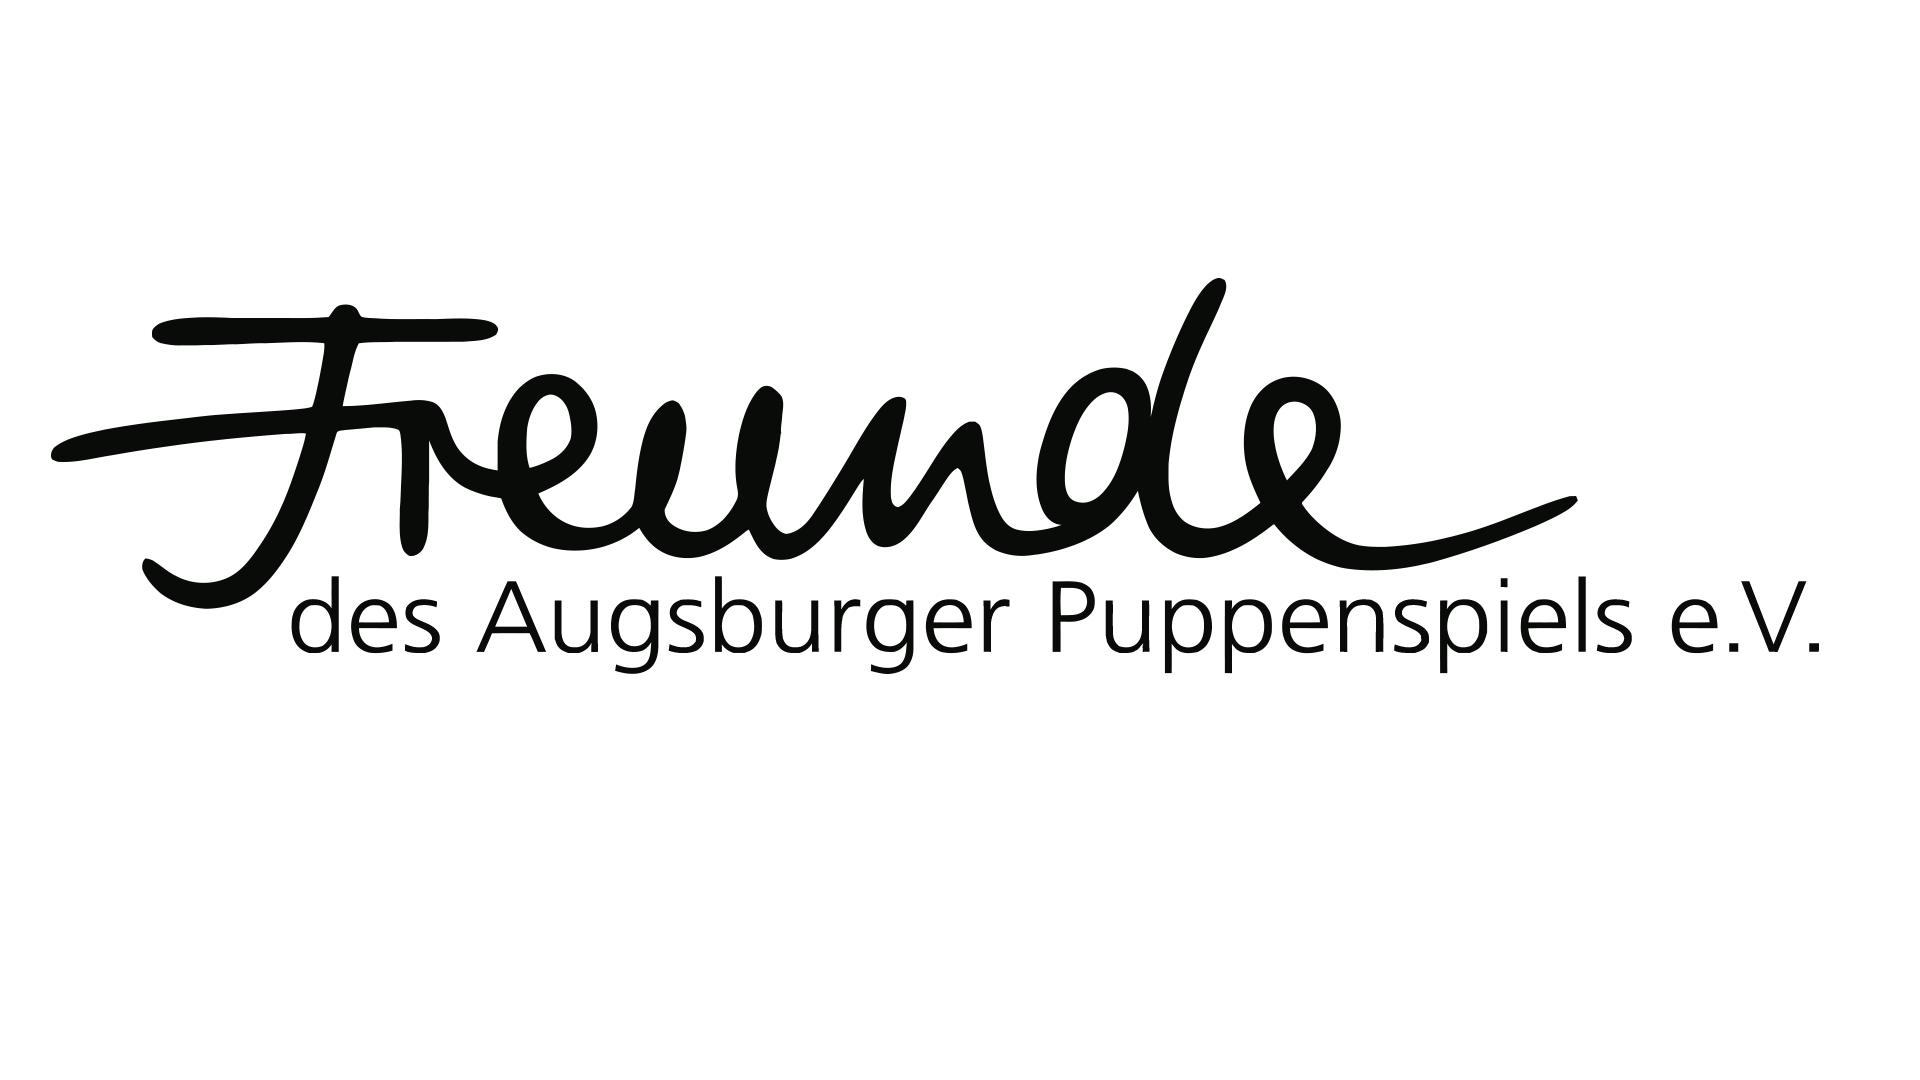 Freunde des Augsburger Puppenspiels e.V.